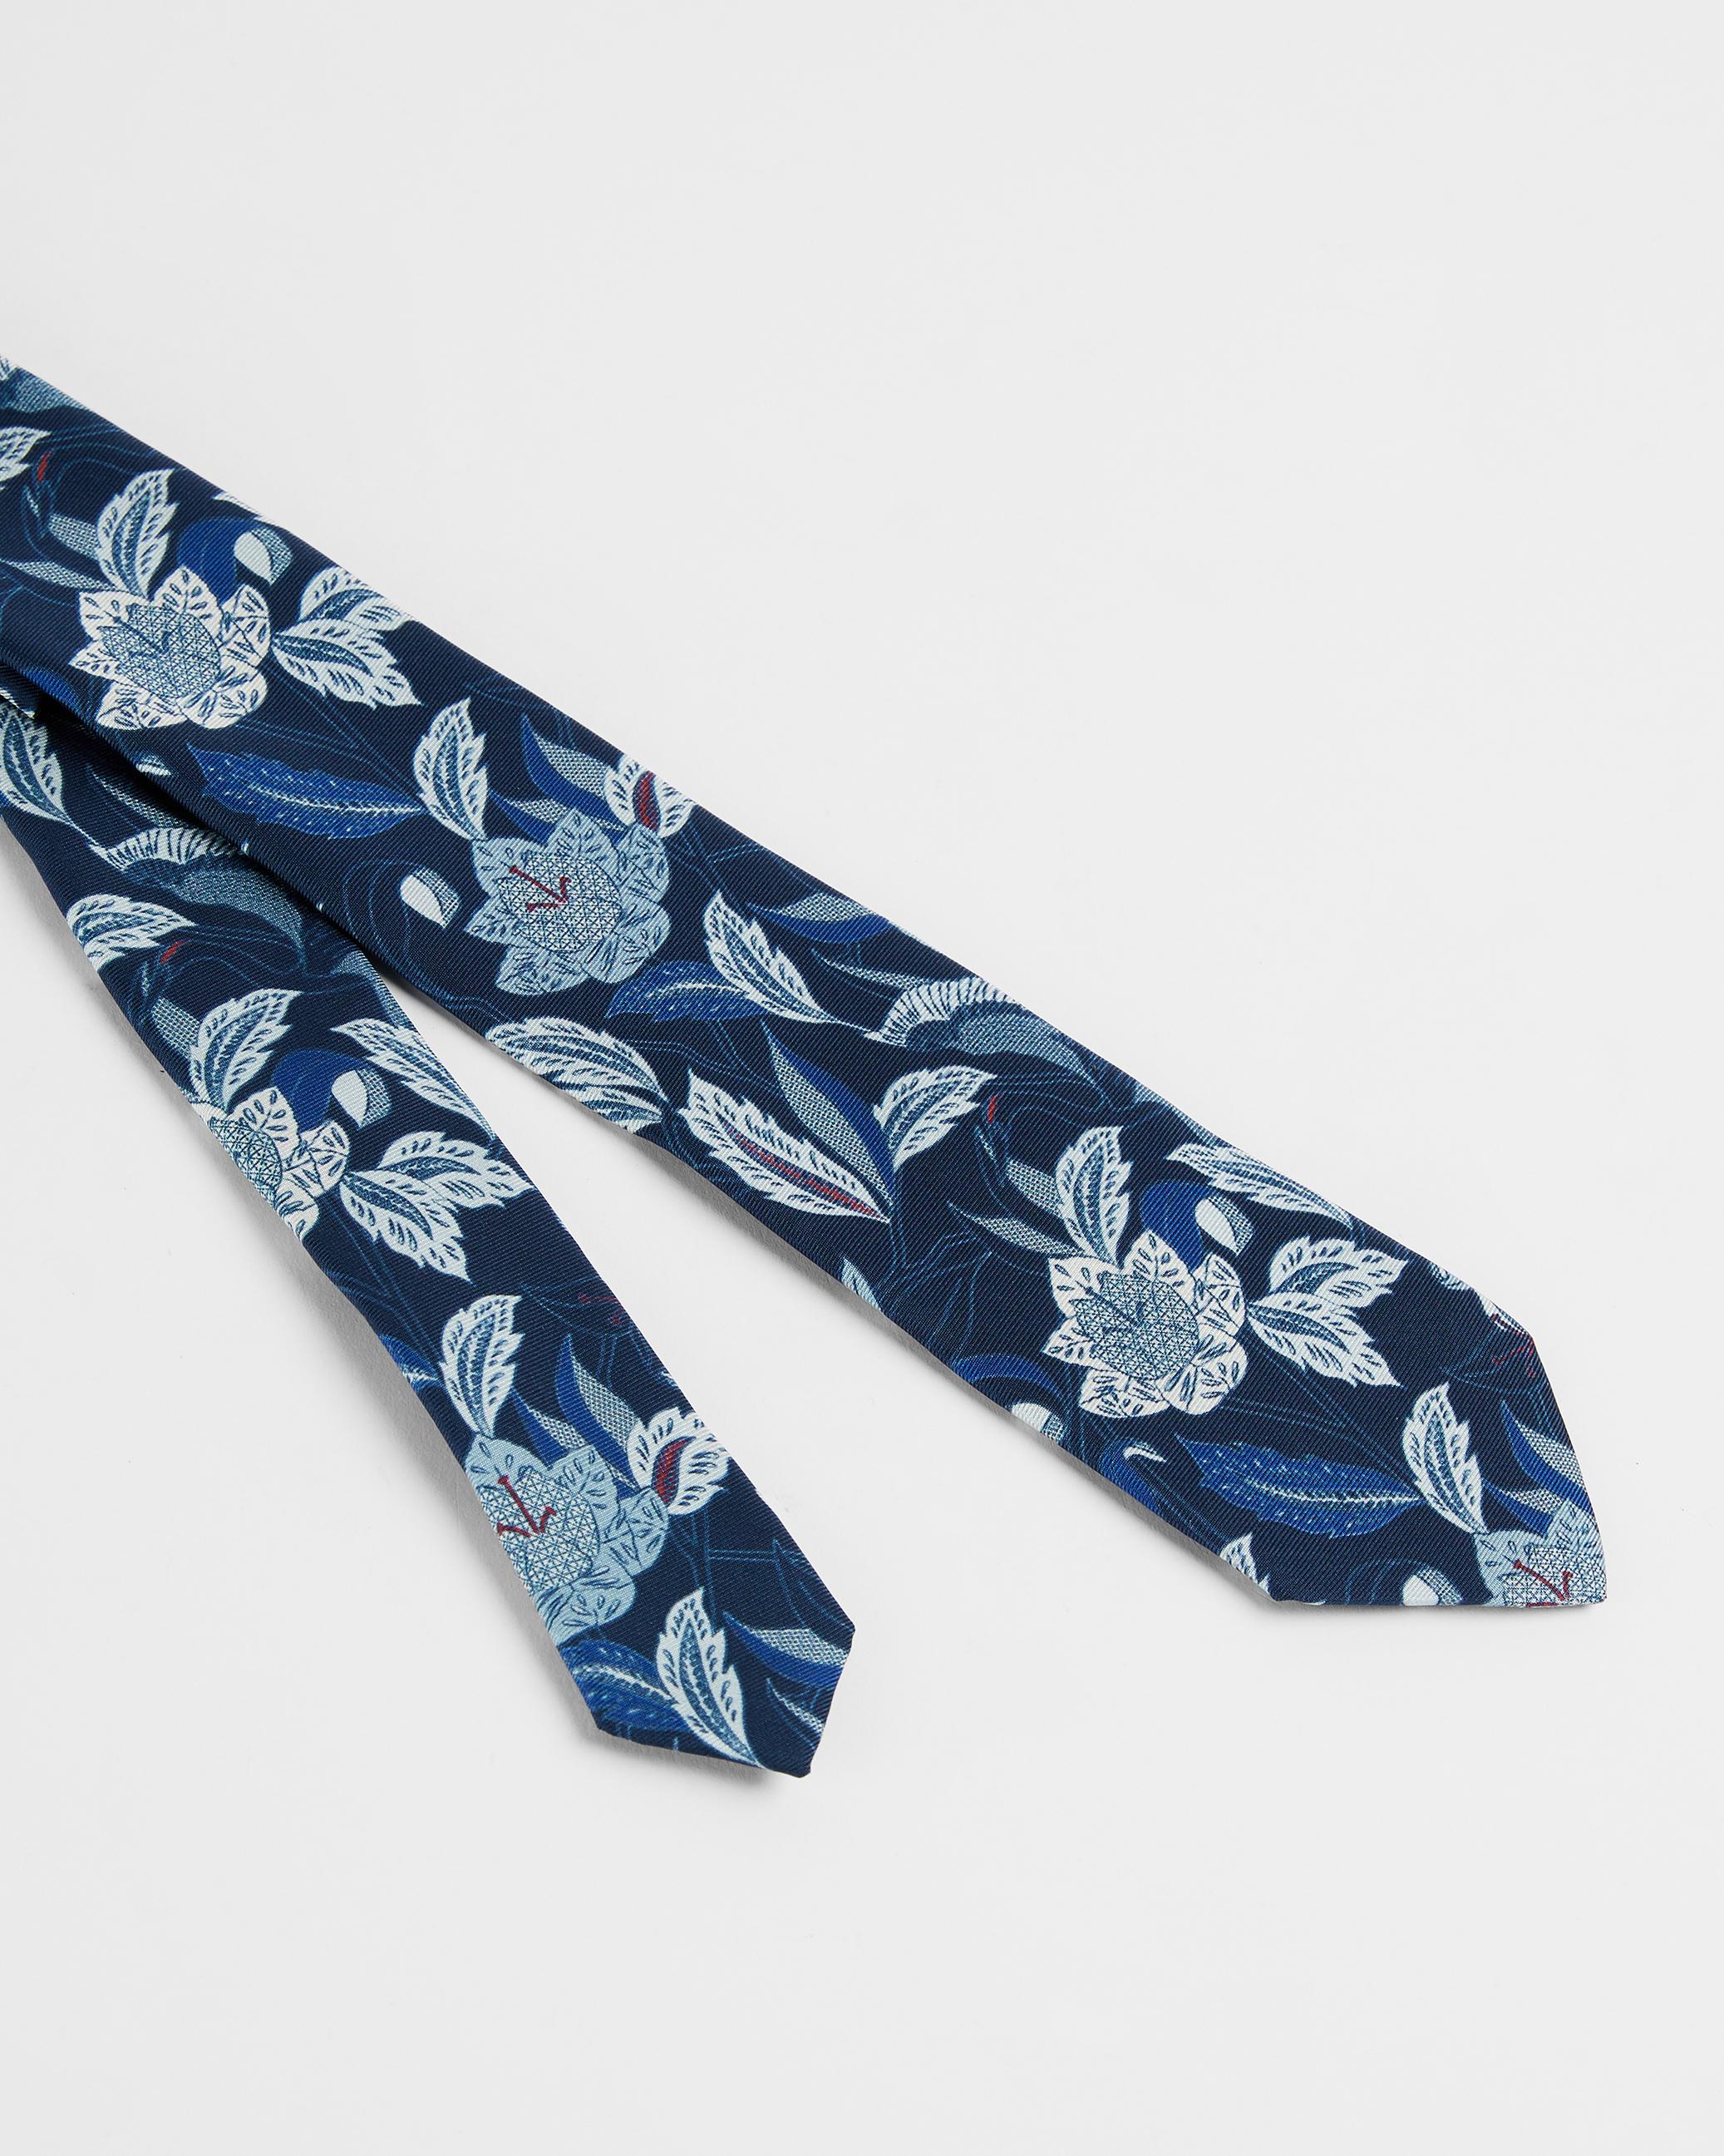 Ted Baker Noué Bleu Marine Cravate en soie avec motif fleuri